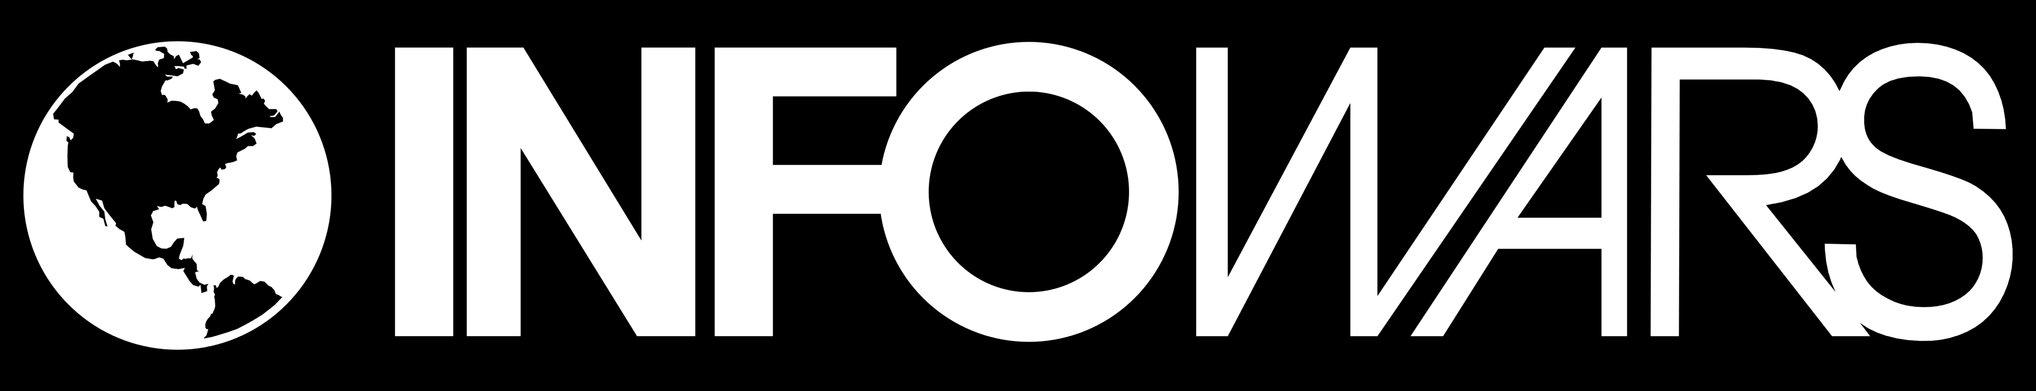 Infowars.com Logo